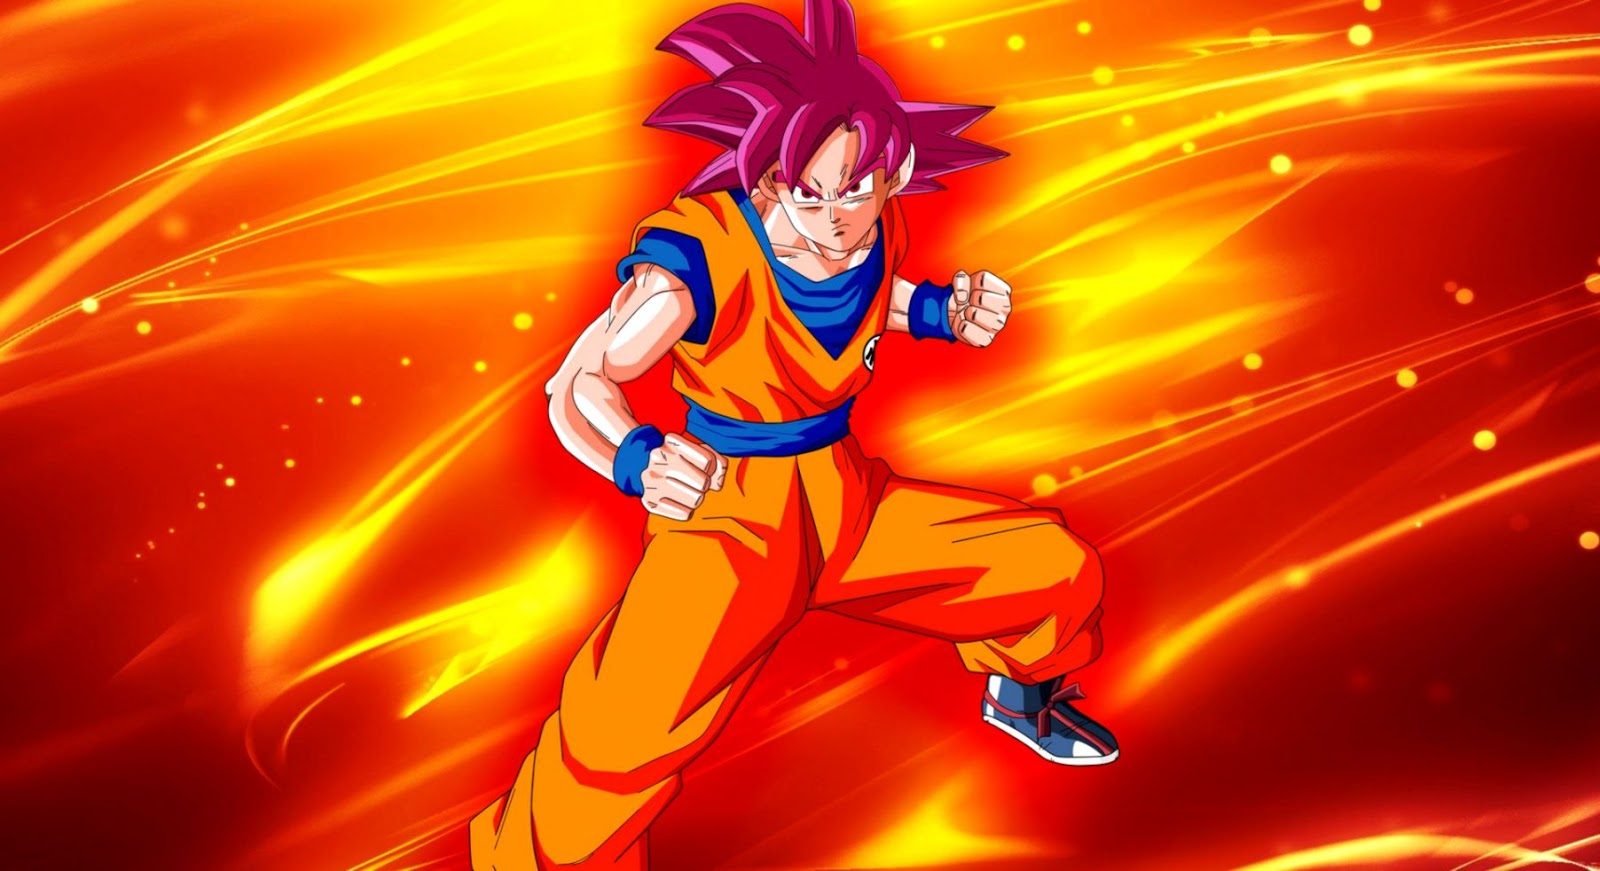 Dragon Ball Goku Super Saiyan God Wallpaper Wallpapers Images